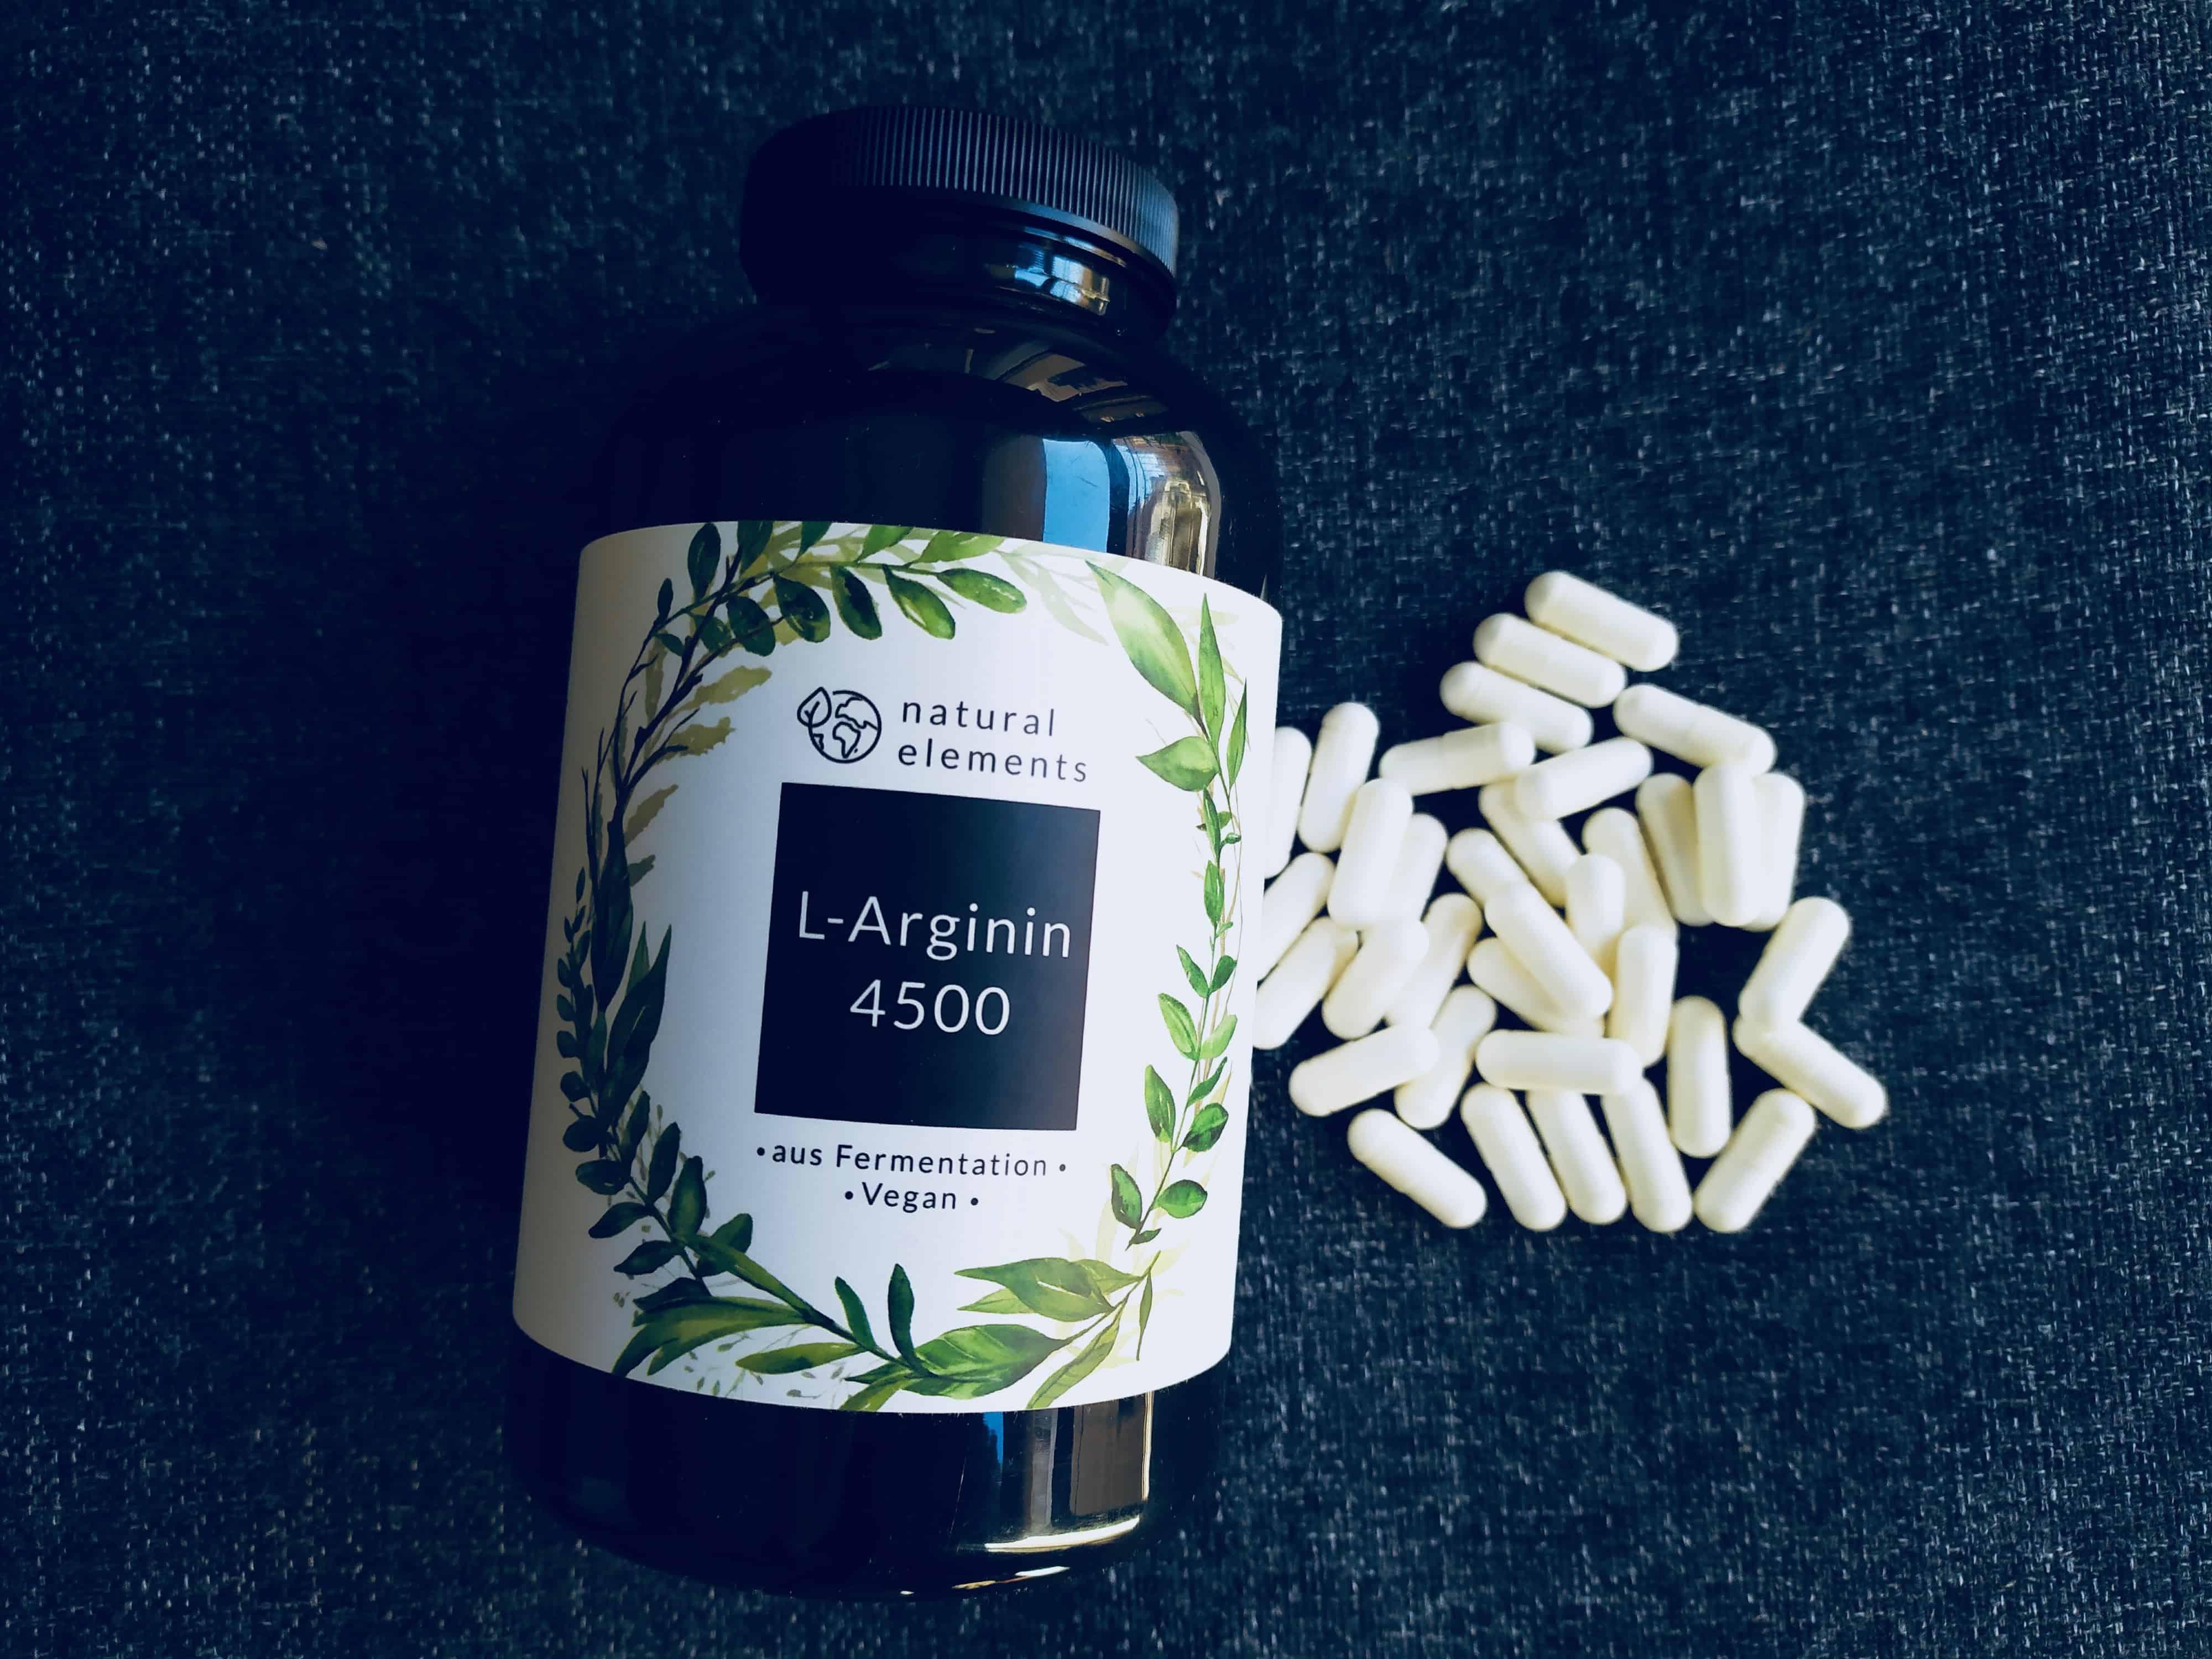 L-Arginin: Test & Empfehlungen (01/20)